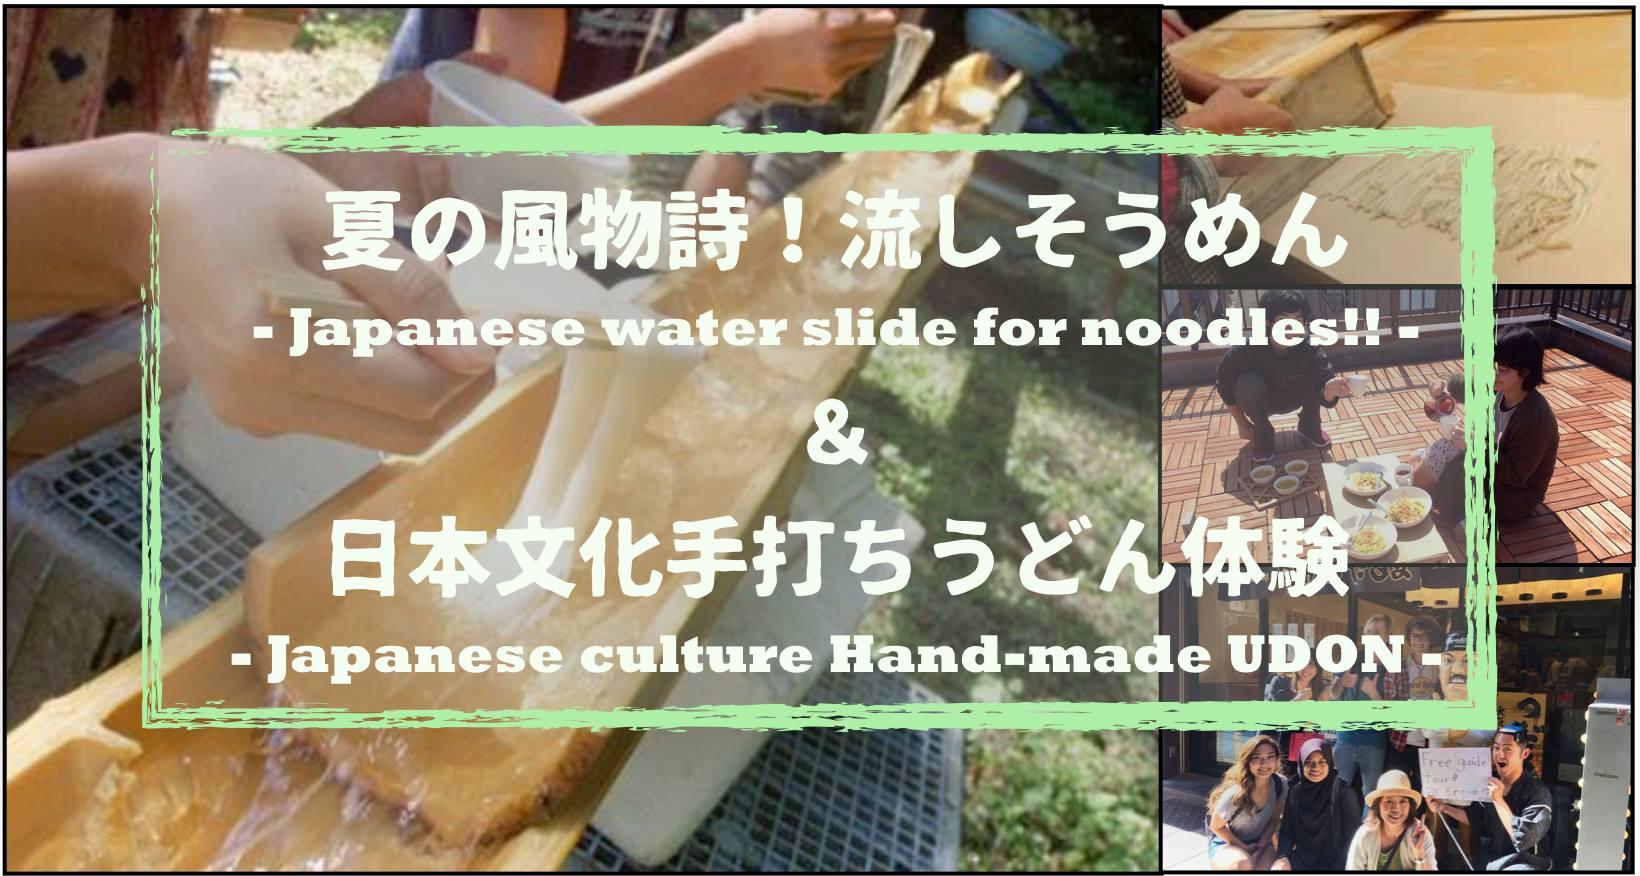 ★新企画★tabicco×English for Osakaコラボ企画!手打ちうどん体験&流し素麺@7/15(土)